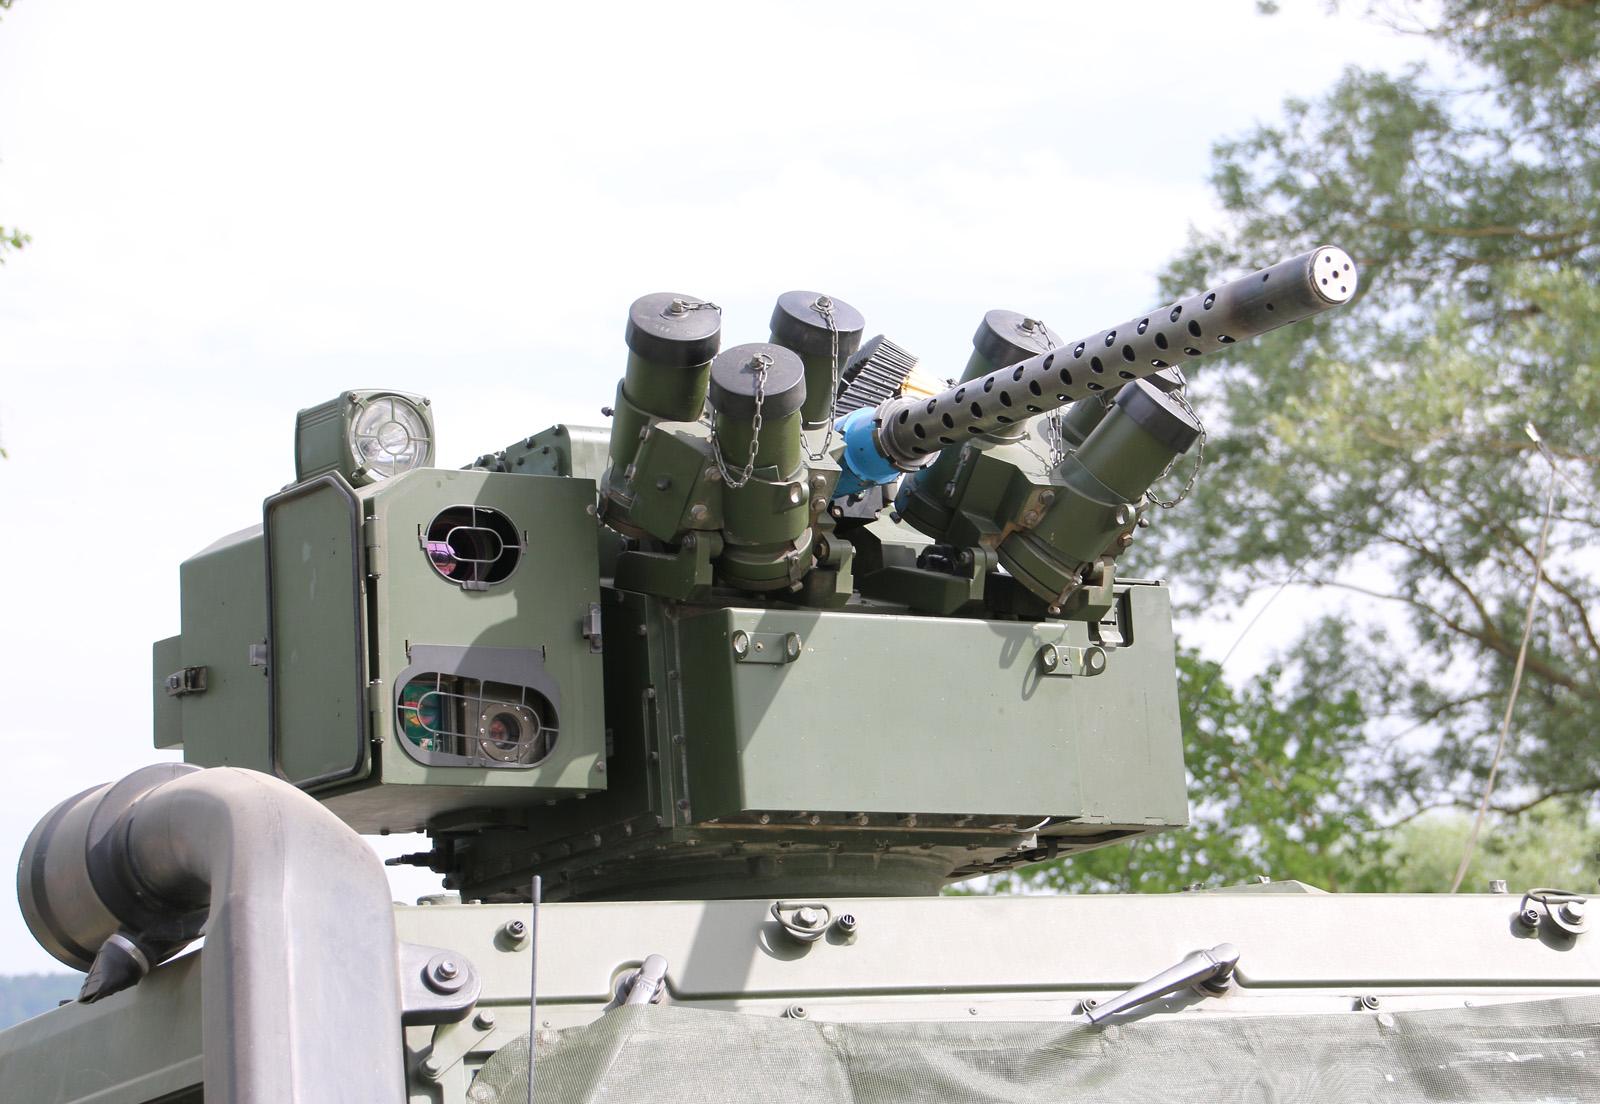 Elektrisch fernbedienbare Waffenstation WS4 Panther der ESL Advanced Information Technology GmbH mit 12,7 mm üsMG mit K-Gerät für Knallmunition © Doppeladler.com